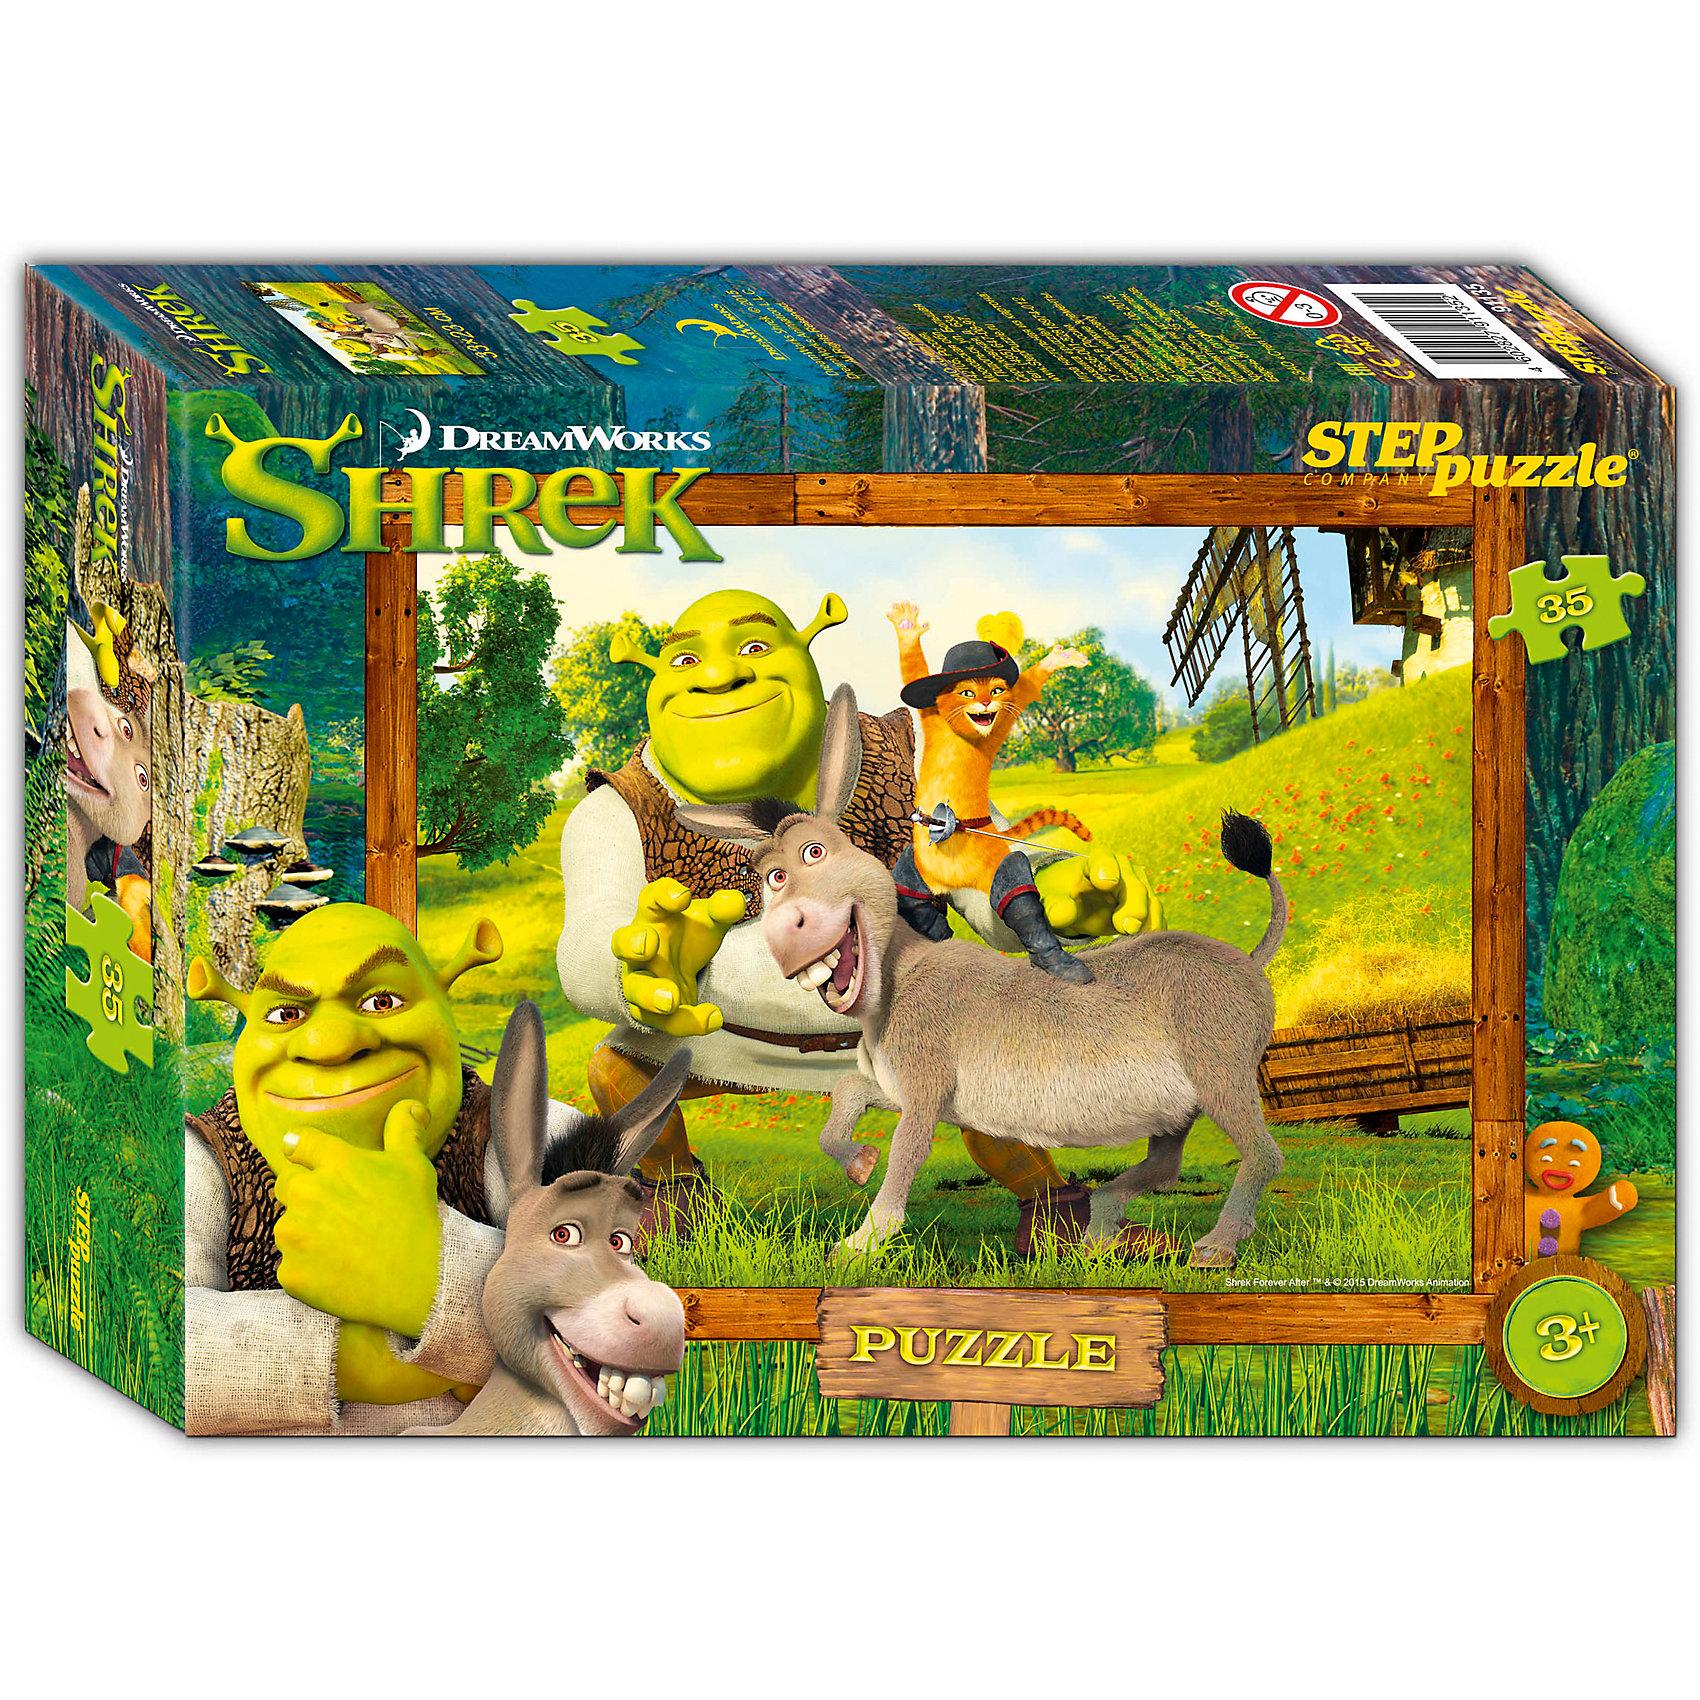 Пазл Шрэк, 35 деталей, Step PuzzleПазлы для малышей<br>Пазл Шрэк, 35 деталей, Step Puzzle (Степ Пазл) – это замечательный красочный пазл с изображением любимых героев.<br>В тридесятом королевстве, на болоте, жил был зеленый великан огр по прозвищу Шрек. Жил не тужил, но в один прекрасный день на его любимую топь пожаловала толпа сказочных героев, согнанных туда, противным лордом Фаркуадом… Соберите пазл и погрузитесь в сказочный мир историй о Шреке. Подарите ребенку чудесный пазл Шрэк, и он будет увлеченно подбирать детали, пока не составит яркую и интересную картинку, на которой изображены герои мультфильма: Шрек, Осел и Кот в сапогах. Сборка пазла Шрэк от Step Puzzle (Степ Пазл) подарит Вашему ребенку не только множество увлекательных вечеров, но и принесет пользу для развития. Координация, моторика, внимательность легко тренируются, пока ребенок увлеченно подбирает детали. Качественные фрагменты пазла отлично проклеены и идеально подходят один к другому, поэтому сборка пазла обеспечит малышу только положительные эмоции. Вы будете использовать этот пазл не один год, ведь благодаря качественной нарезке детали не расслаиваются даже после многократного использования.<br><br>Дополнительная информация:<br><br>- Количество деталей: 35<br>- Материал: картон<br>- Размер собранной картинки: 33х23 см.<br>- Отличная проклейка<br>- Долгий срок службы<br>- Детали идеально подходят друг другу<br>- Яркий сюжет<br>- Упаковка: картонная коробка<br>- Размер упаковки: 195x35x140 мм.<br>- Вес: 200 гр.<br><br>Пазл Шрэк, 35 деталей, Step Puzzle (Степ Пазл) можно купить в нашем интернет-магазине.<br><br>Ширина мм: 195<br>Глубина мм: 35<br>Высота мм: 140<br>Вес г: 200<br>Возраст от месяцев: 36<br>Возраст до месяцев: 84<br>Пол: Унисекс<br>Возраст: Детский<br>Количество деталей: 35<br>SKU: 4588288